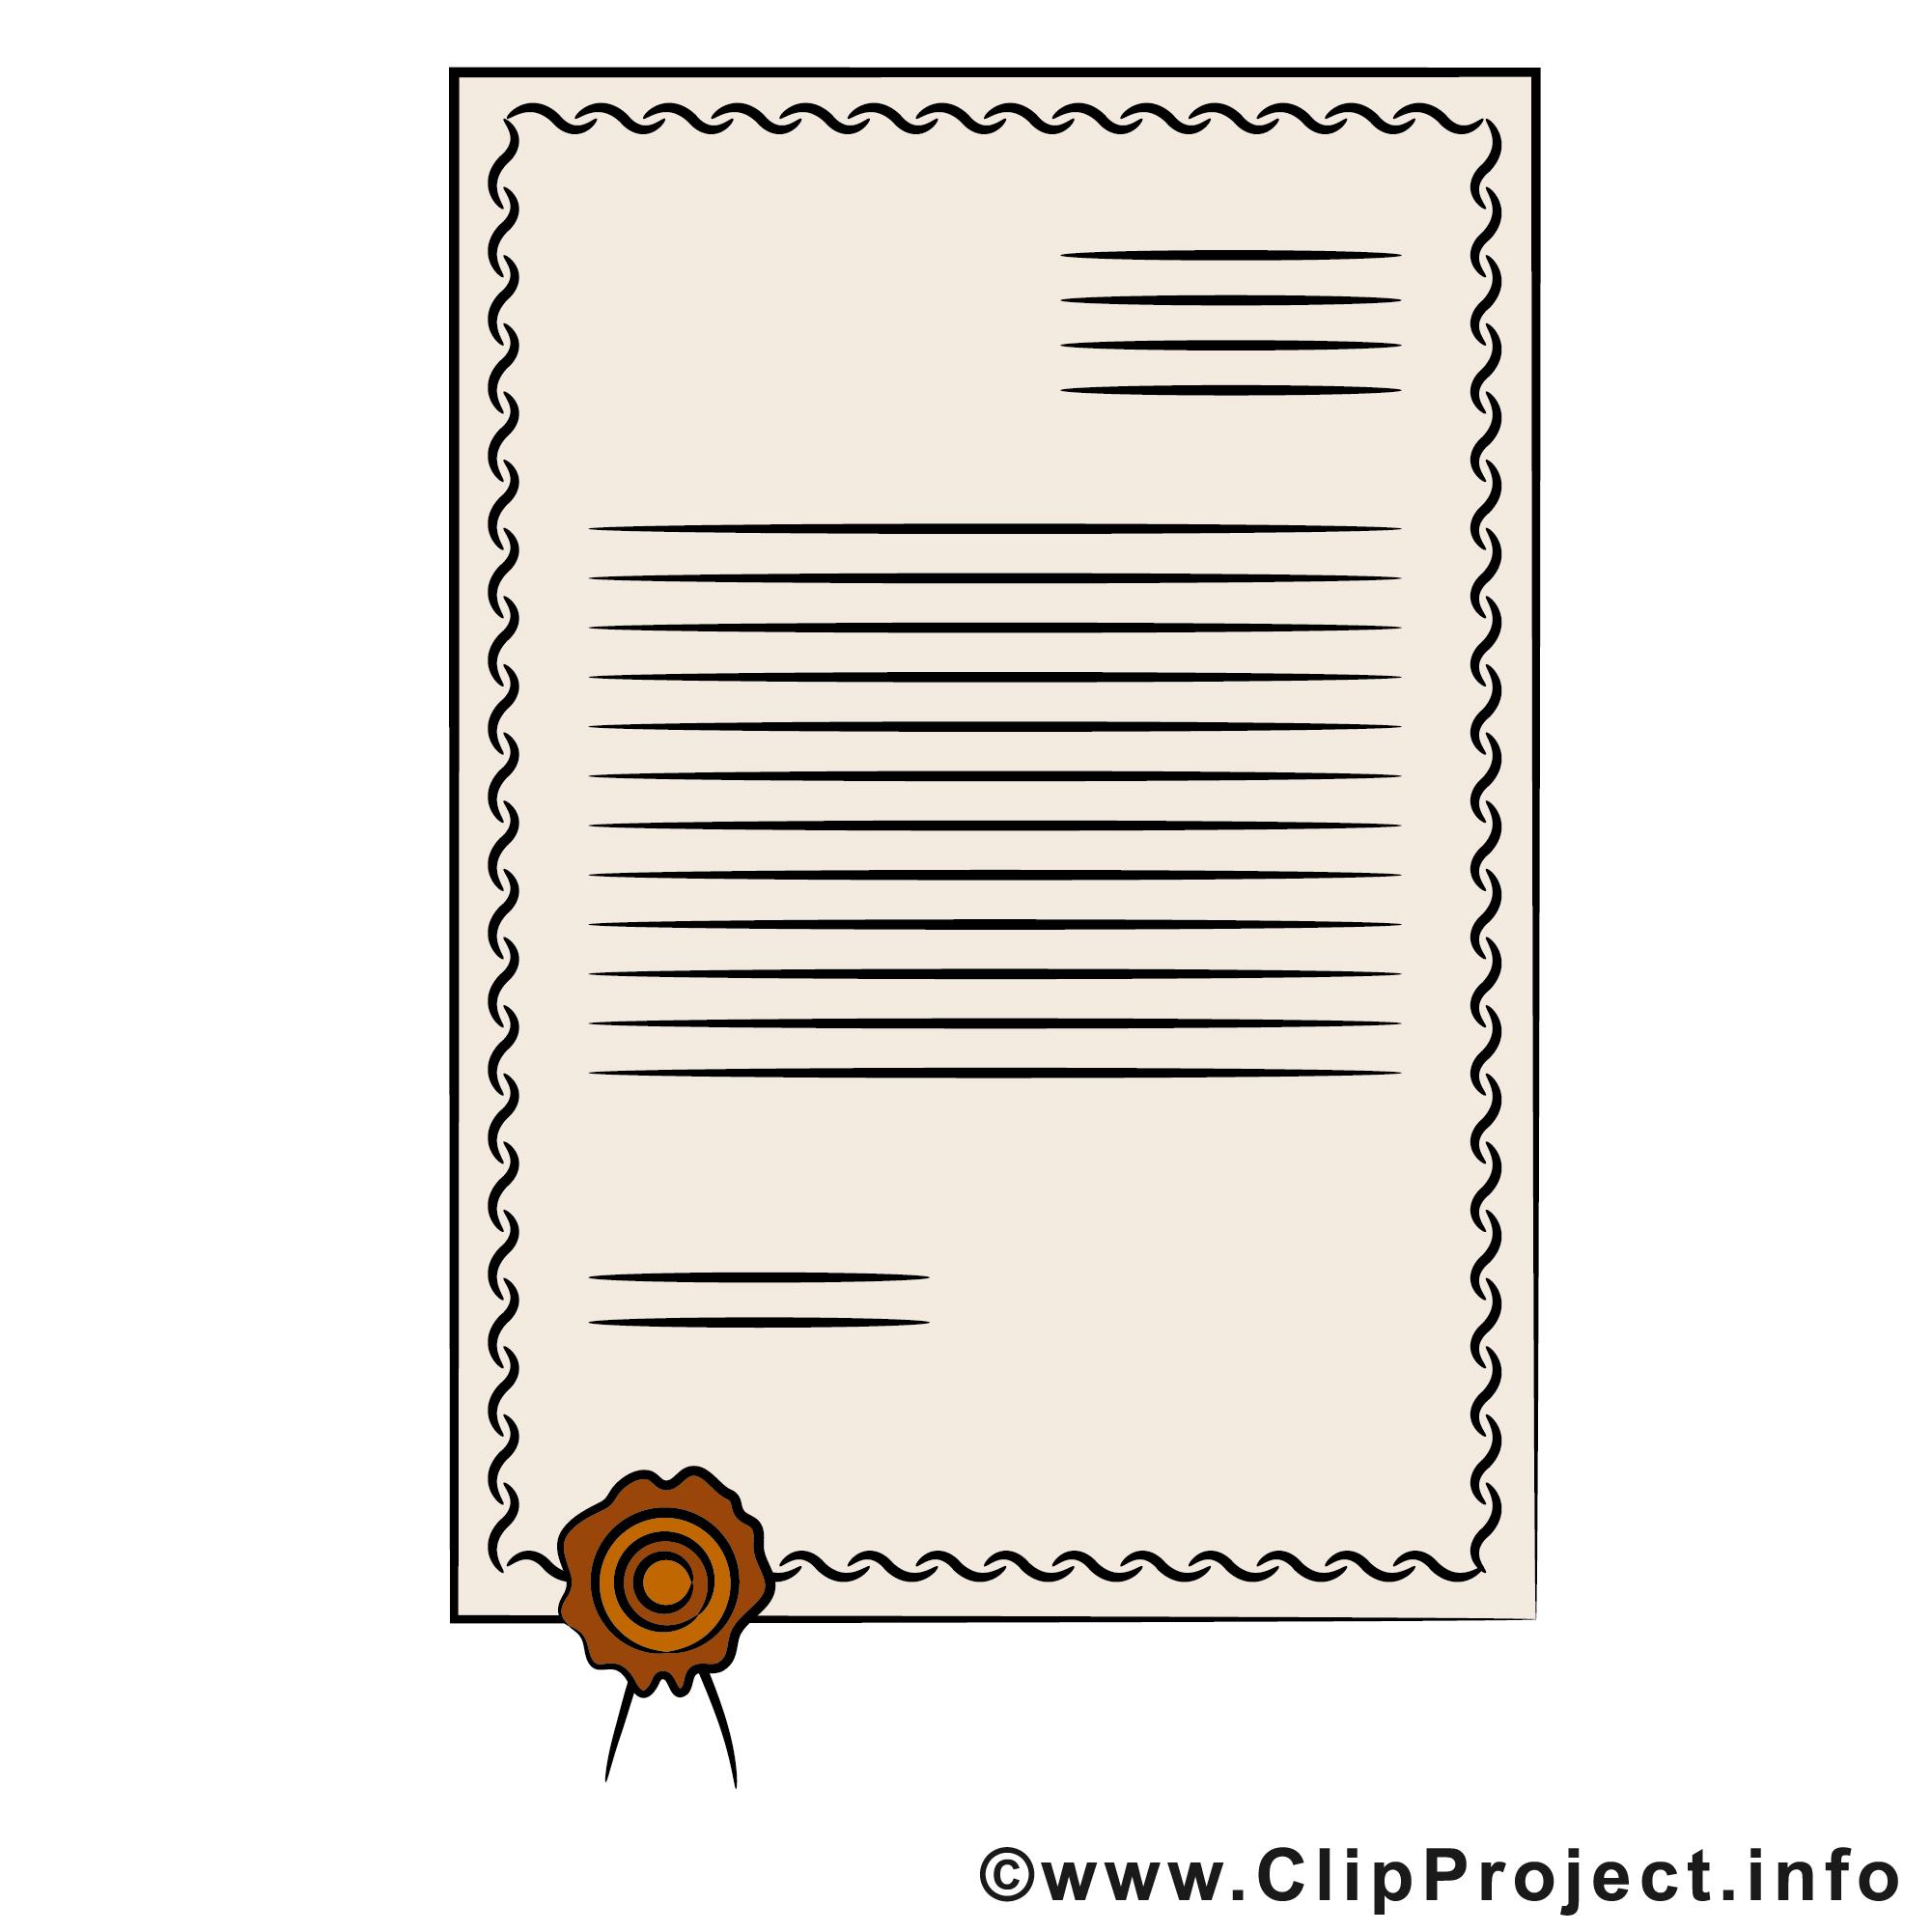 Dipl me dessin t l charger contrat images divers dessin picture image graphic clip art - Dessin a telecharger ...